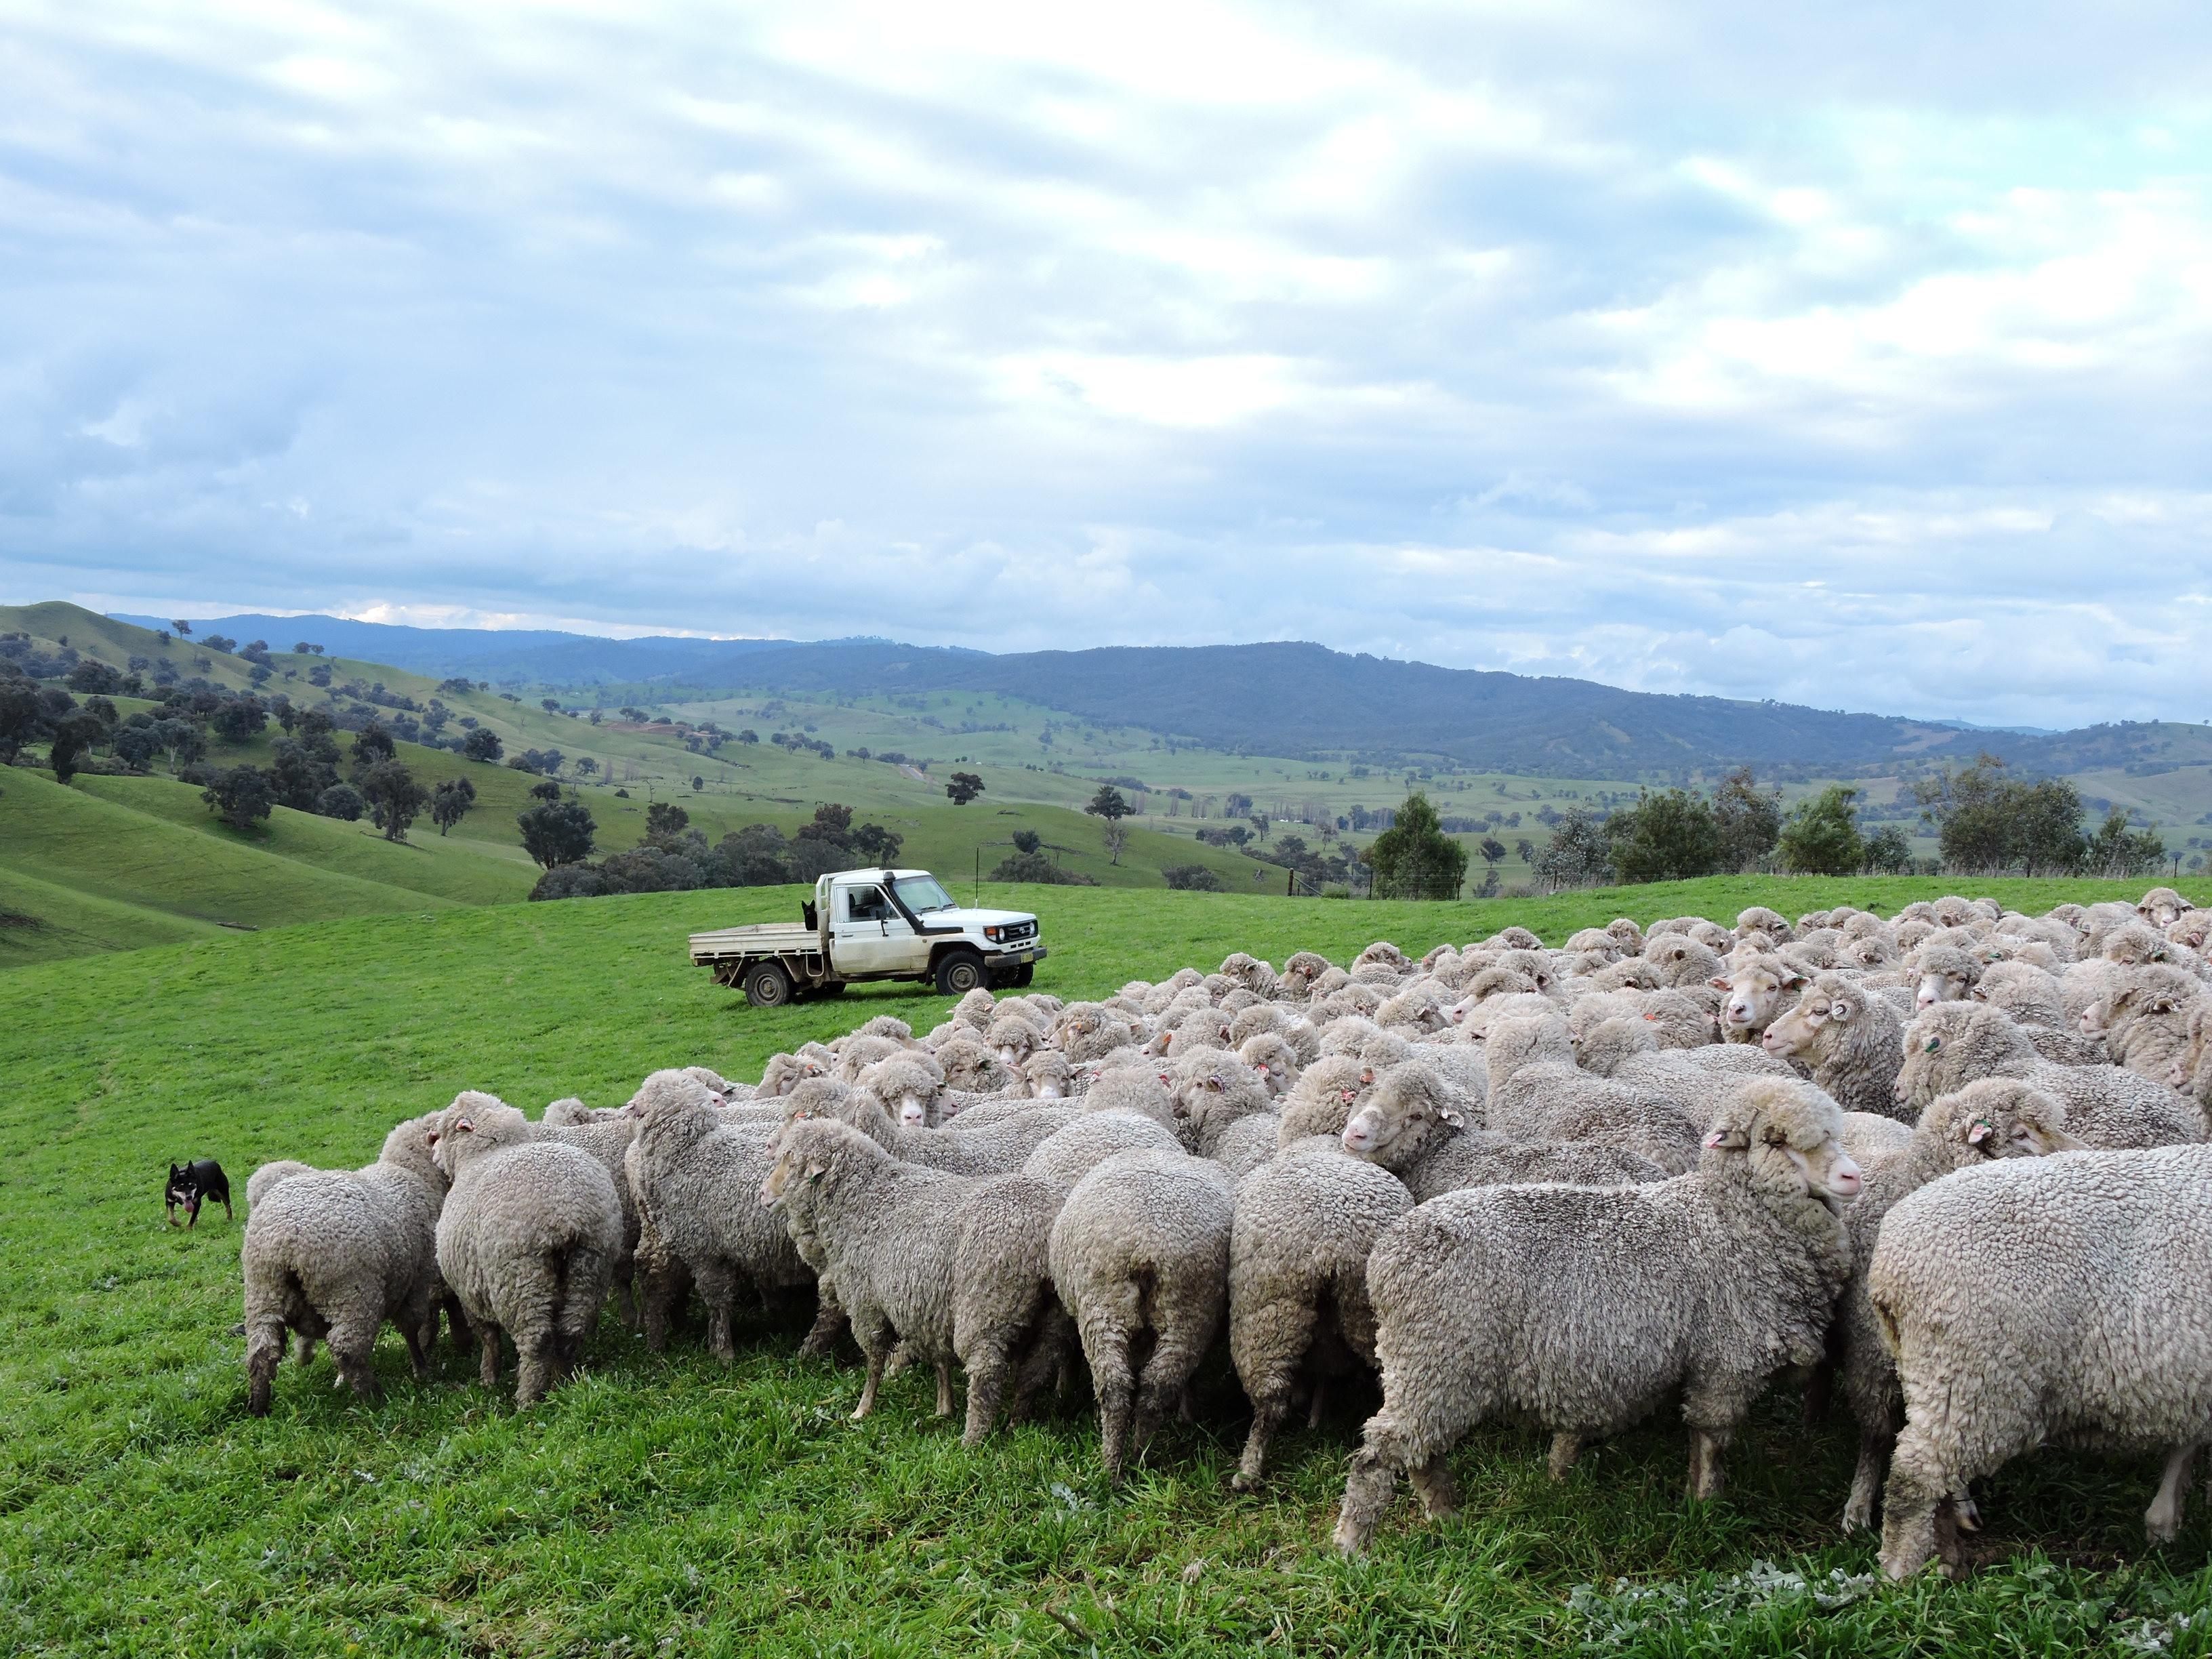 Mustering sheep